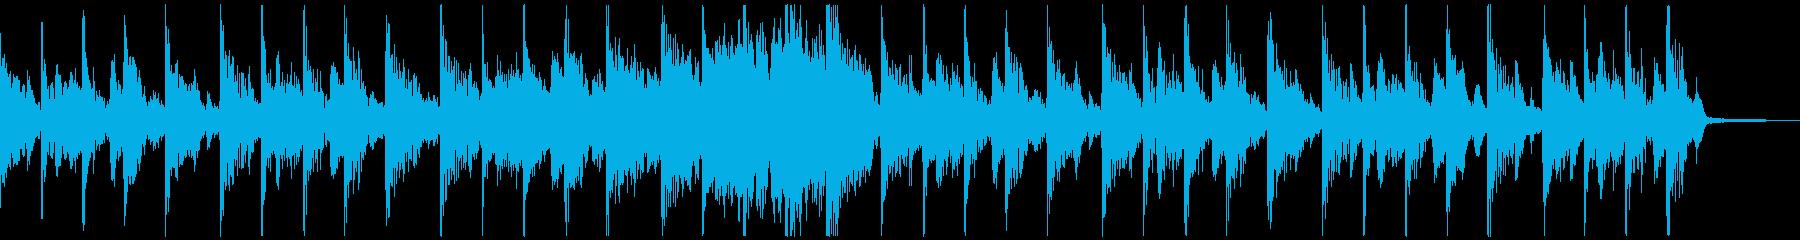 【CM】クールでオシャレなBGM・13の再生済みの波形